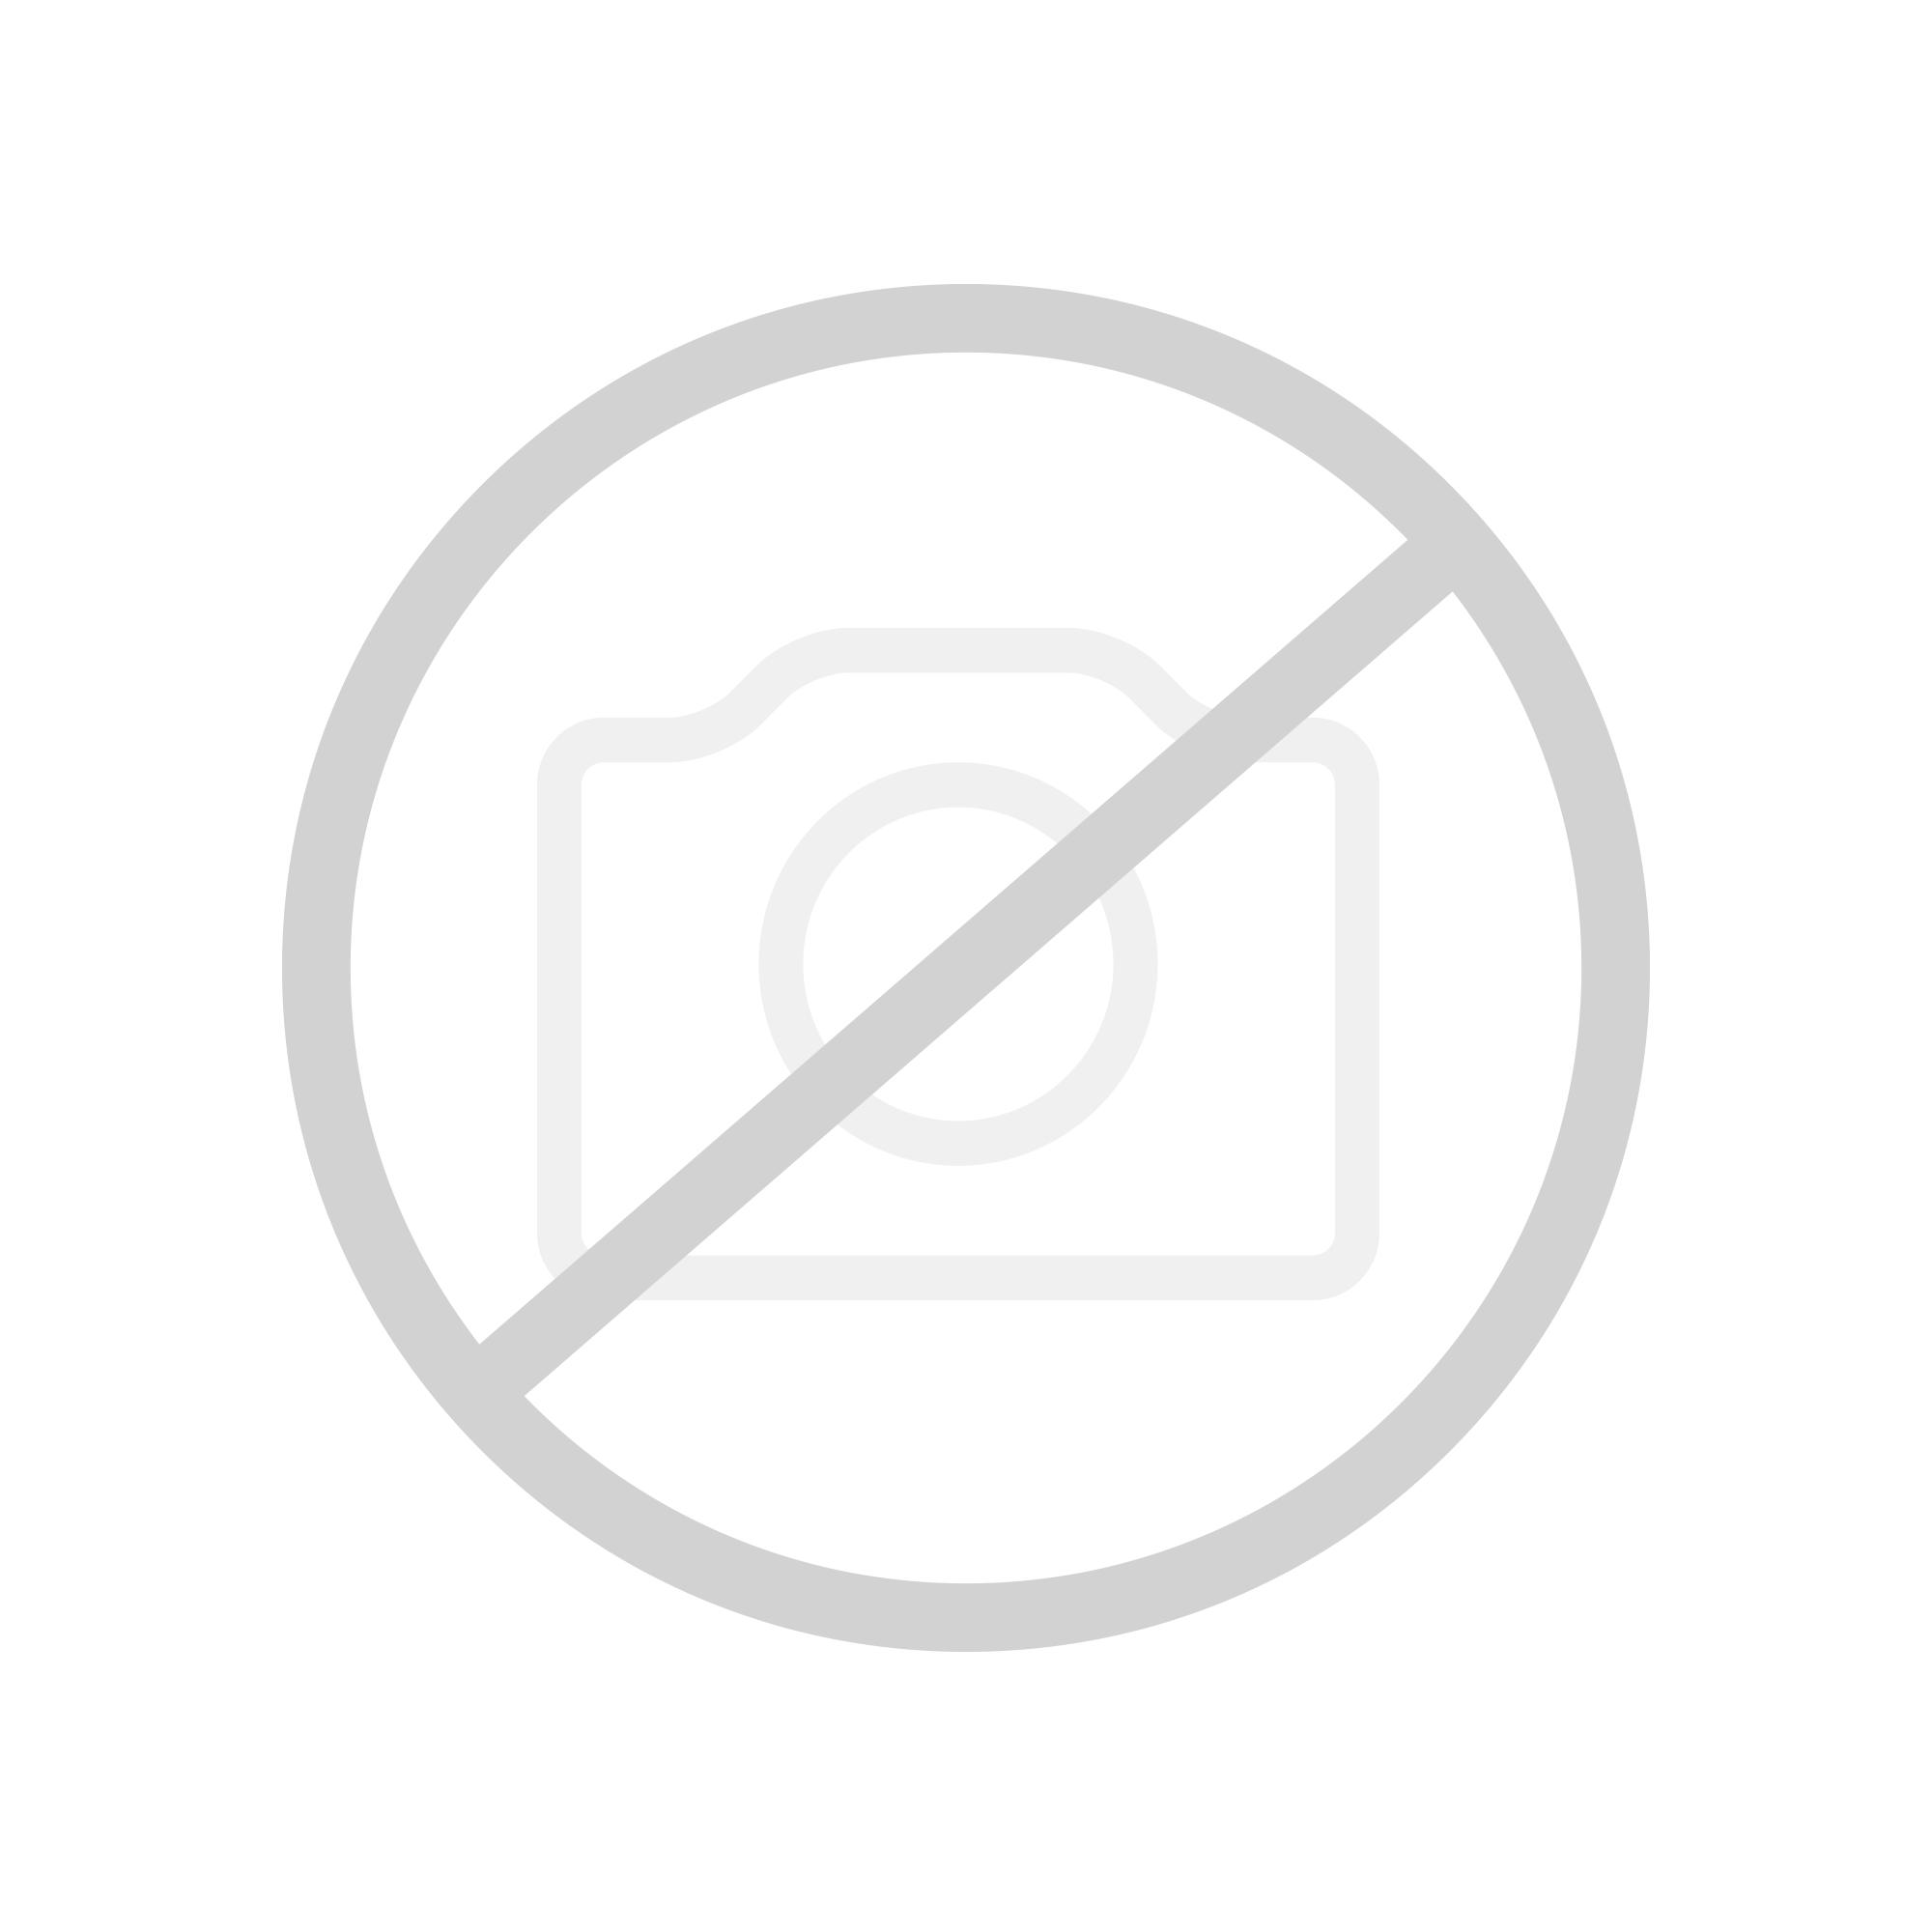 Frisch Geberit Duofix Wand-WC-Element für Stütz-u.Haltegriffe, 112 cm,mit  XO63